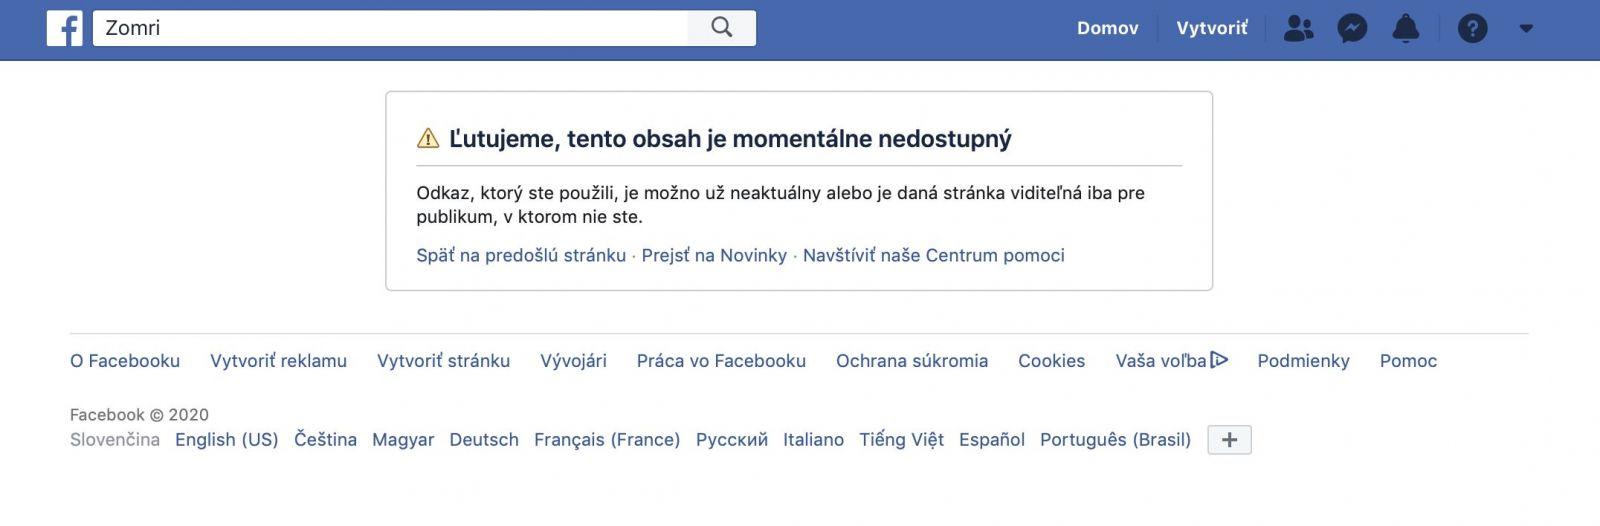 Satirickú stránku Zomri na Facebooku aktuálne nenájdeš. Kvôli chybe museli pozastaviť činnosť